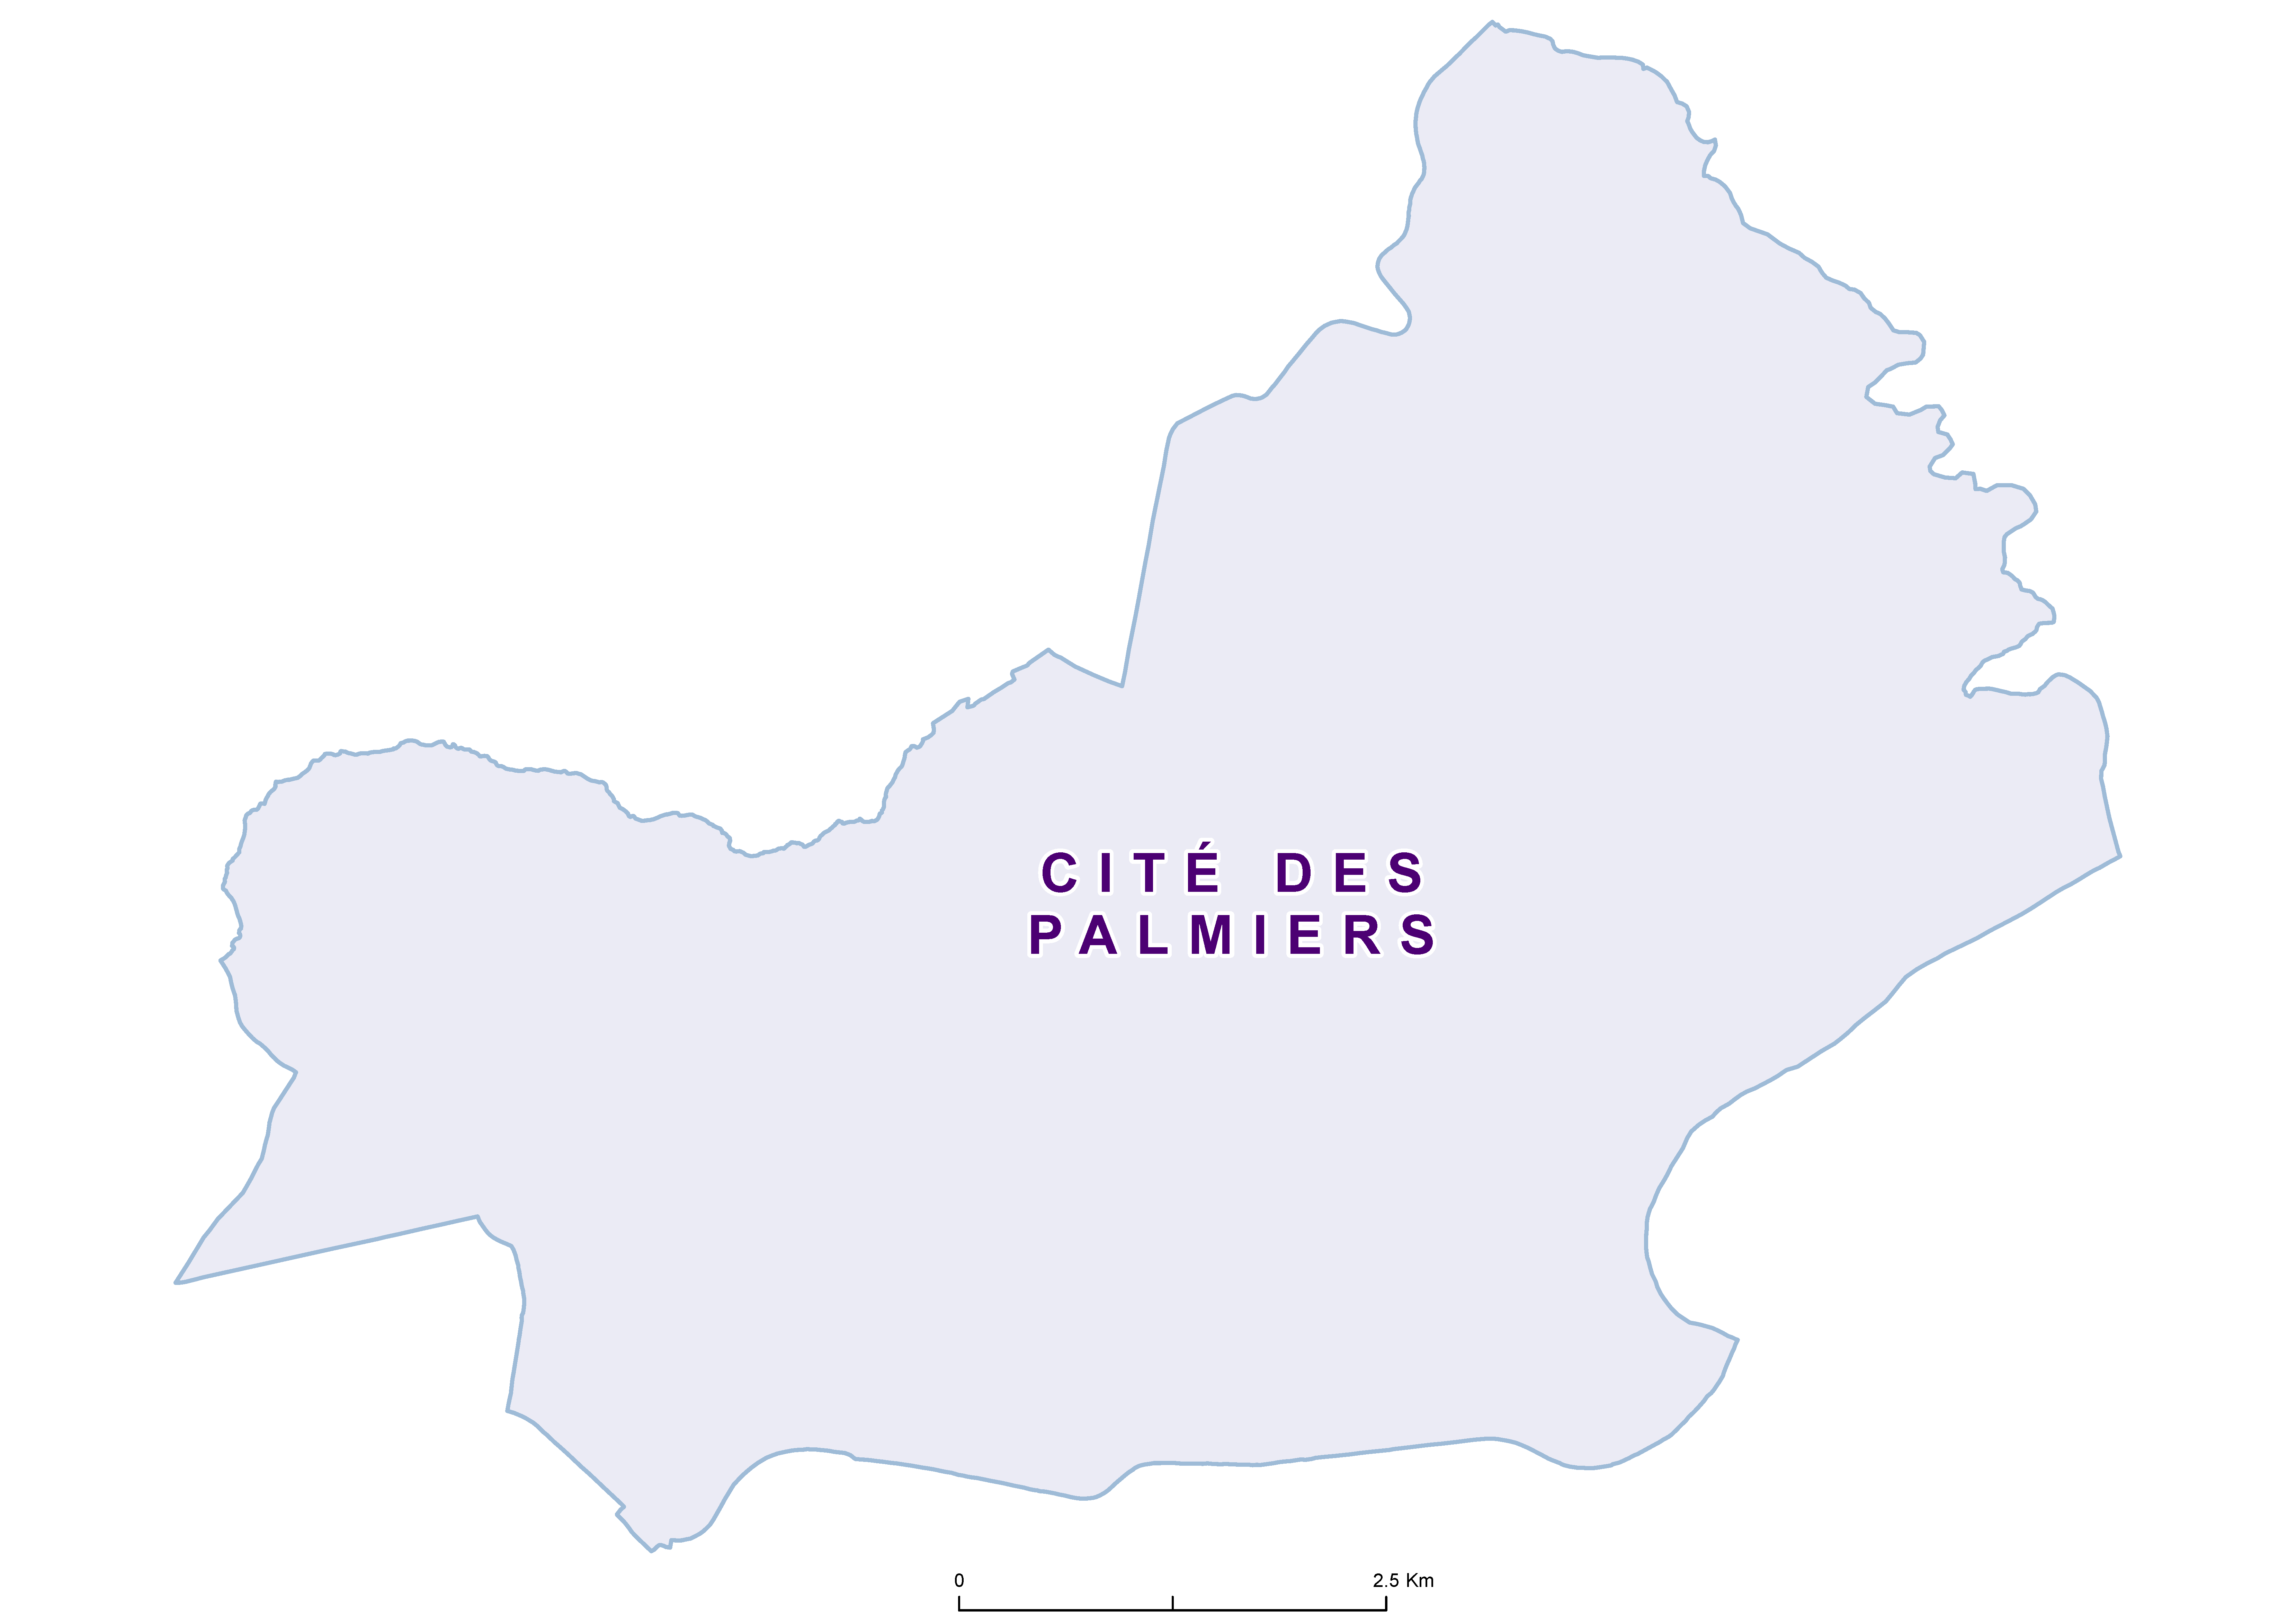 Cité des palmiers Max STH 19850001